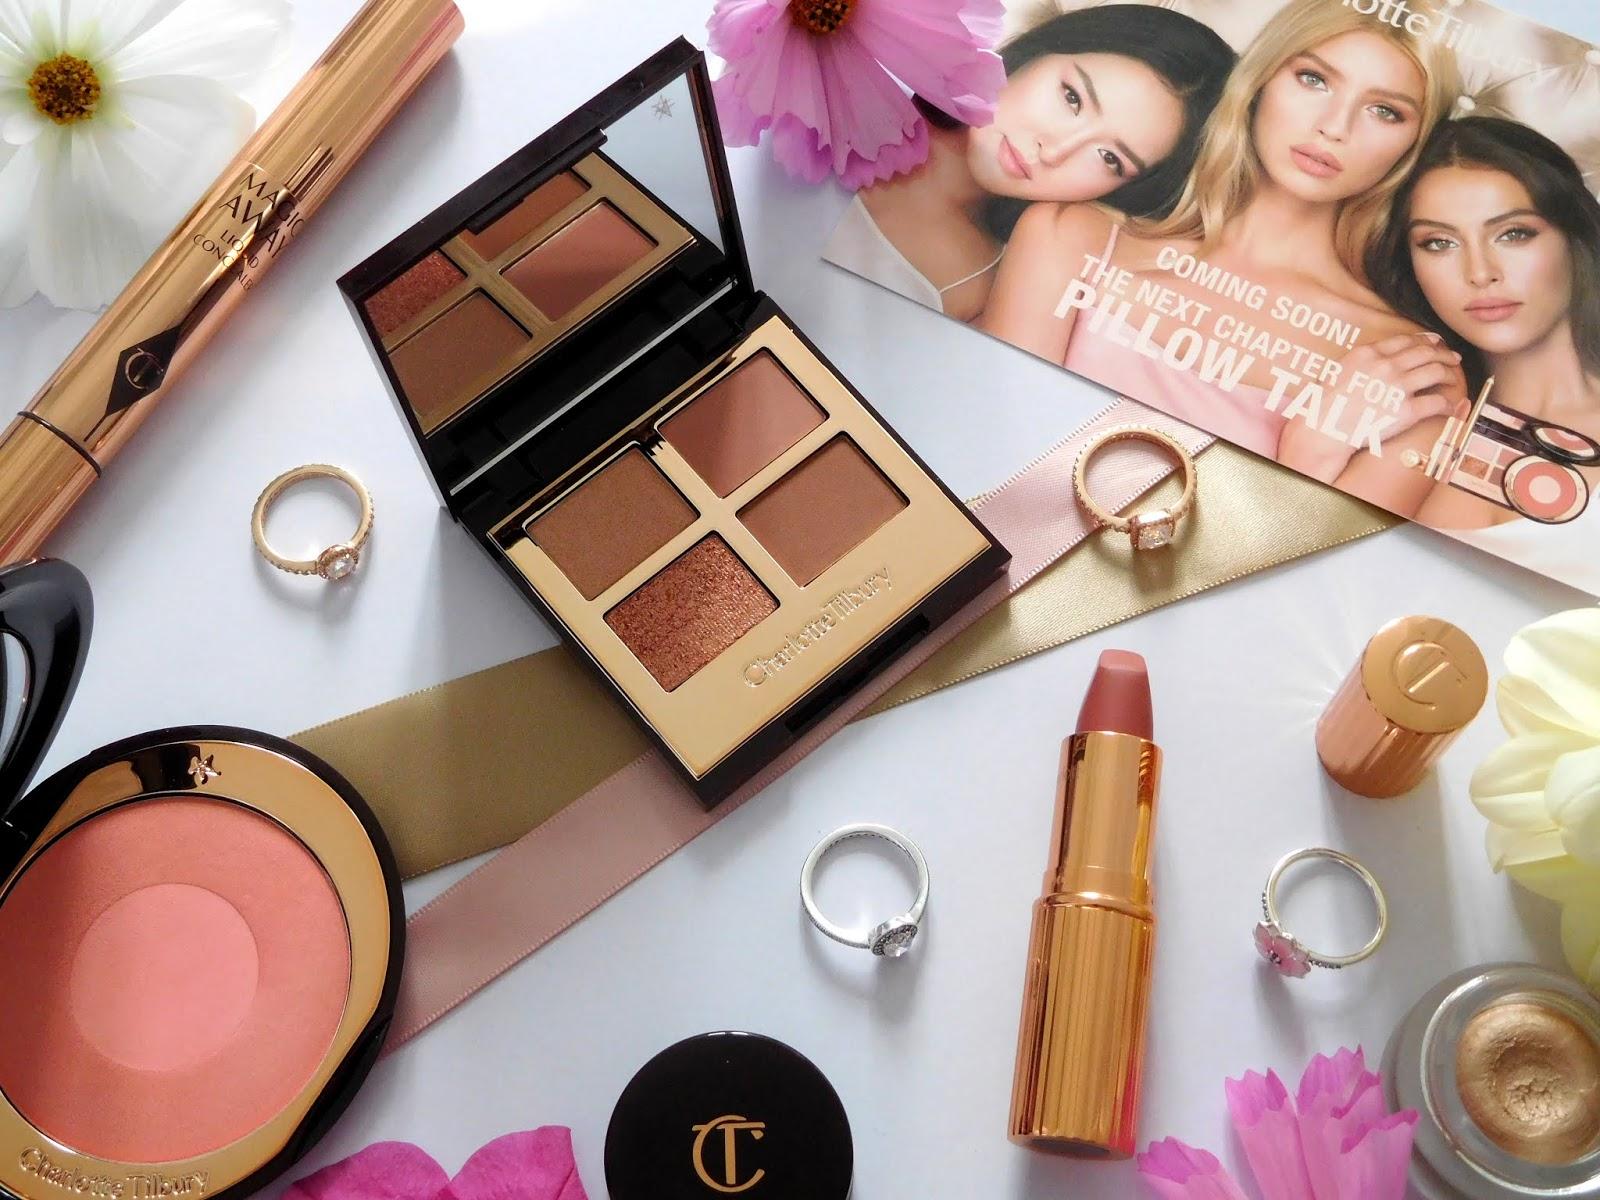 charlotte tilbury eyeshadow palette in